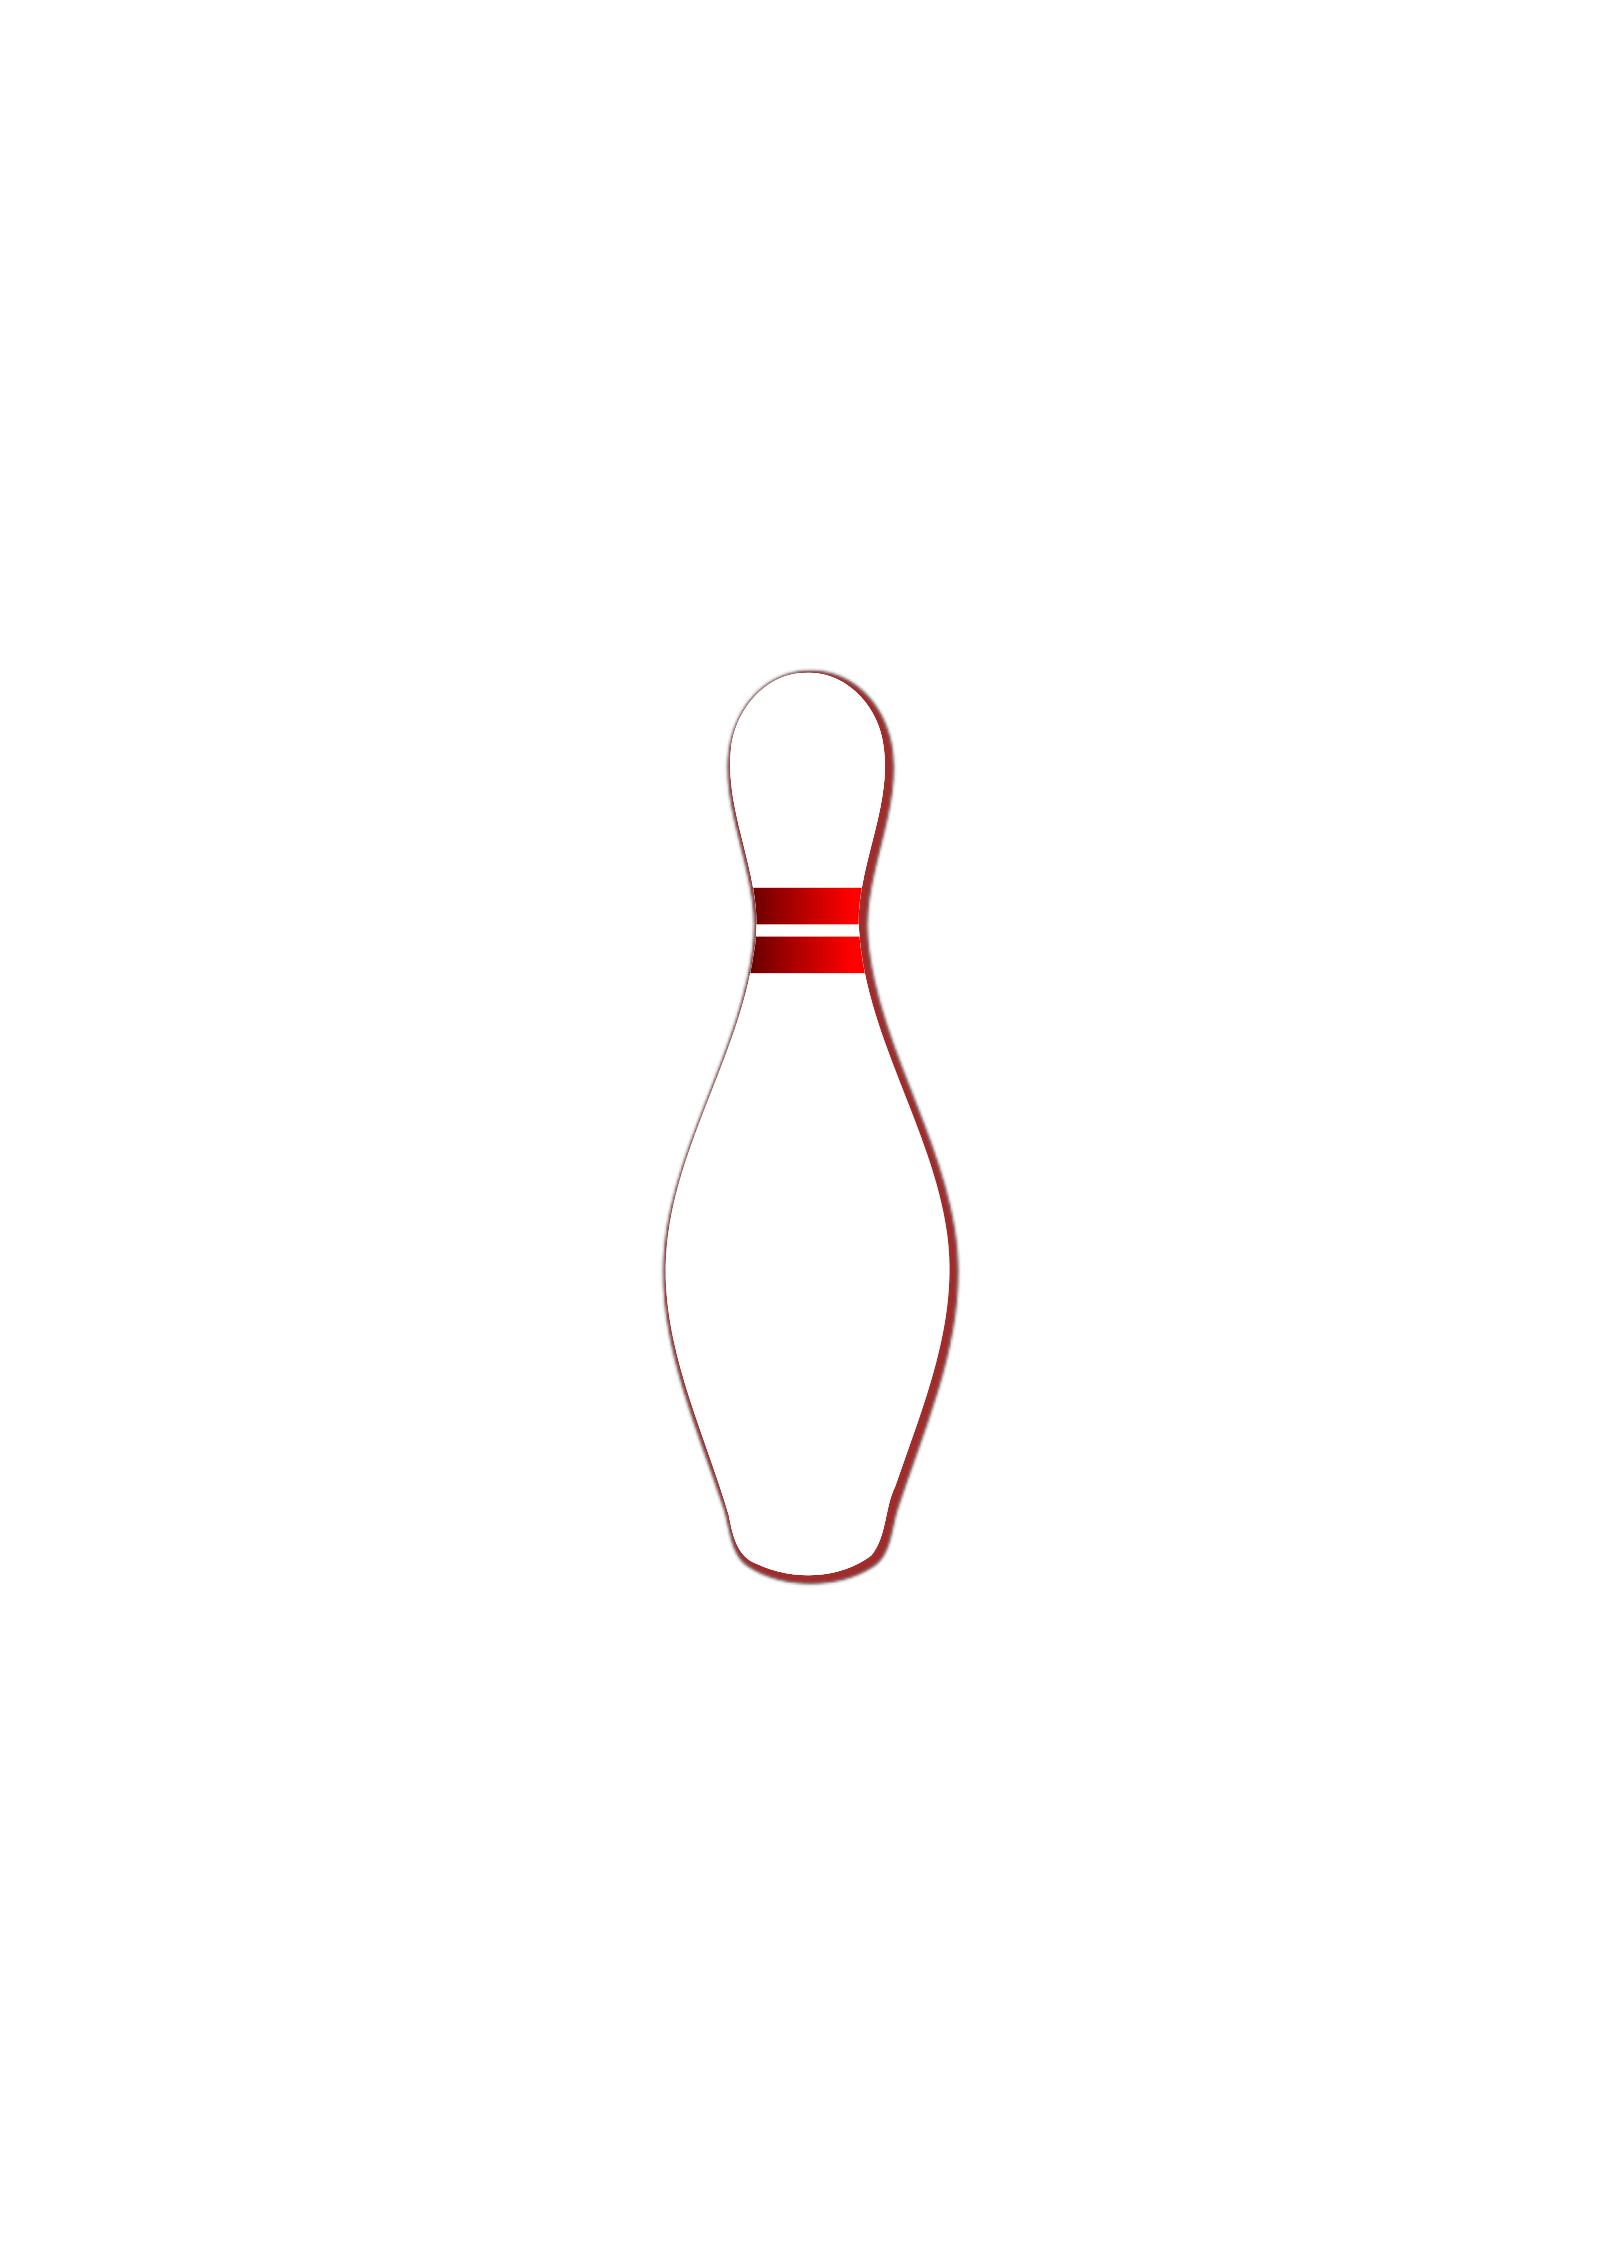 Blue Pin SVG Clip arts